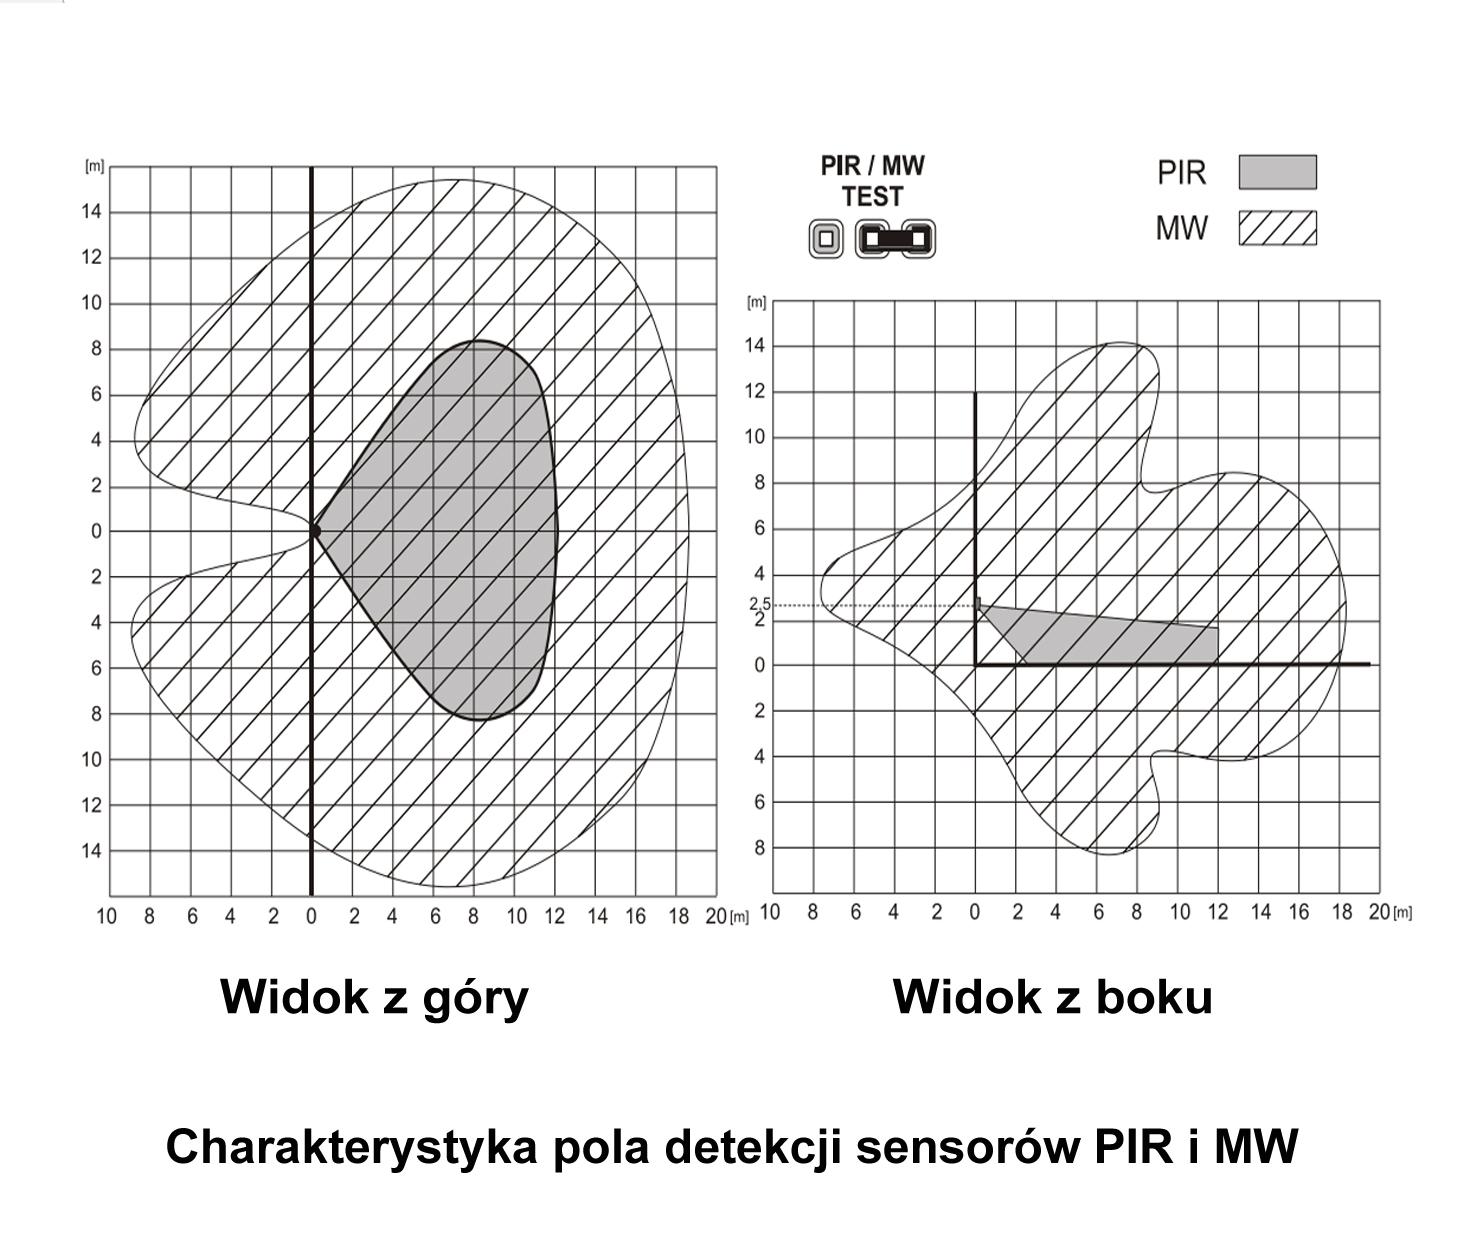 JA120PW - Czujnik PIR i MW (BUS) charakterystyka detekcji.